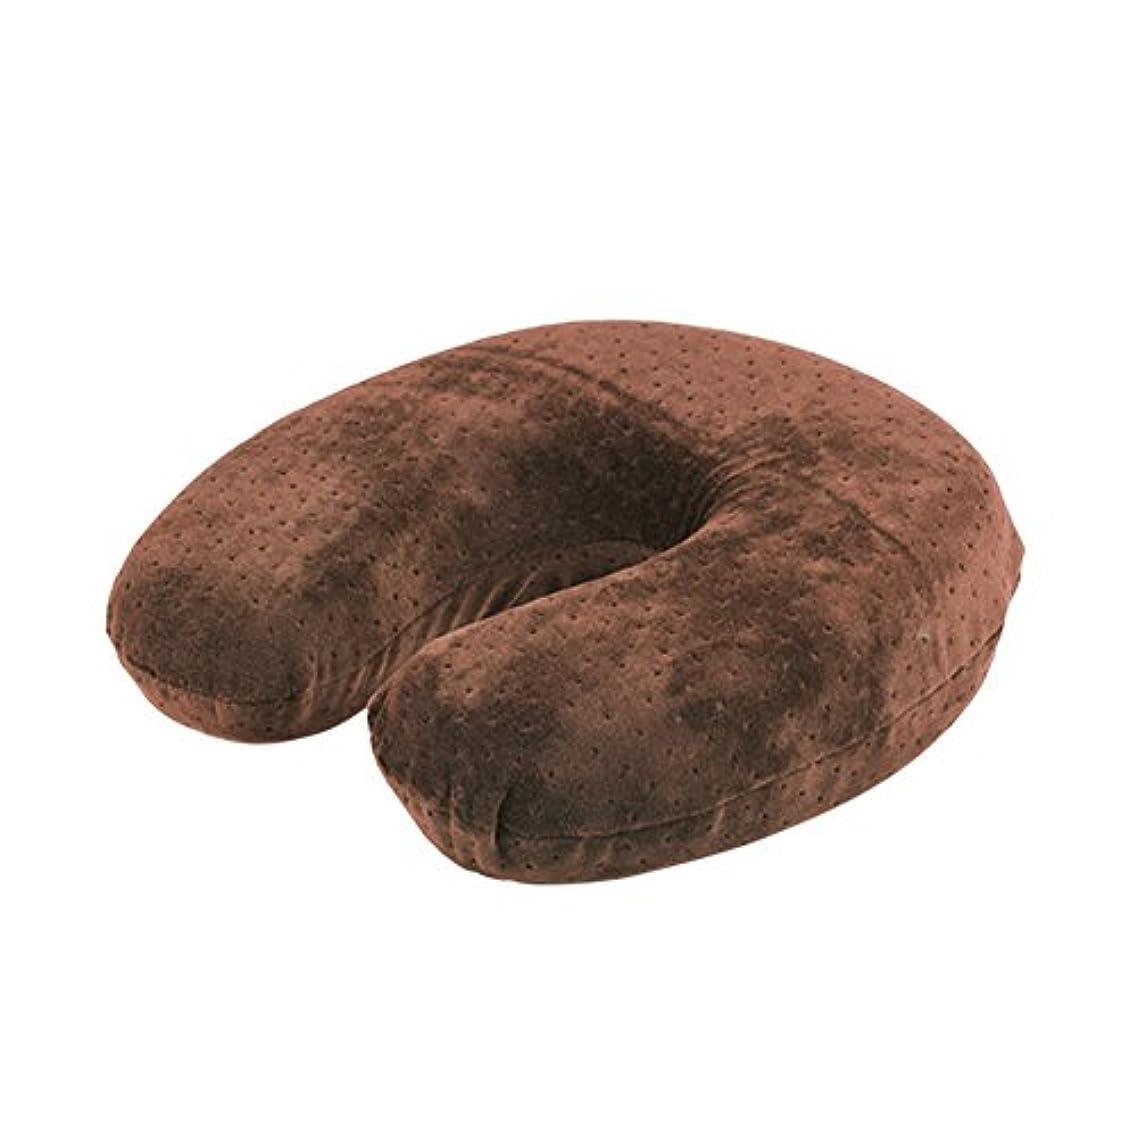 一般のスコア子供時代U字型枕、ビロードの反発の記憶泡の首の頭部の頚部枕残り旅行クッション(Brown)